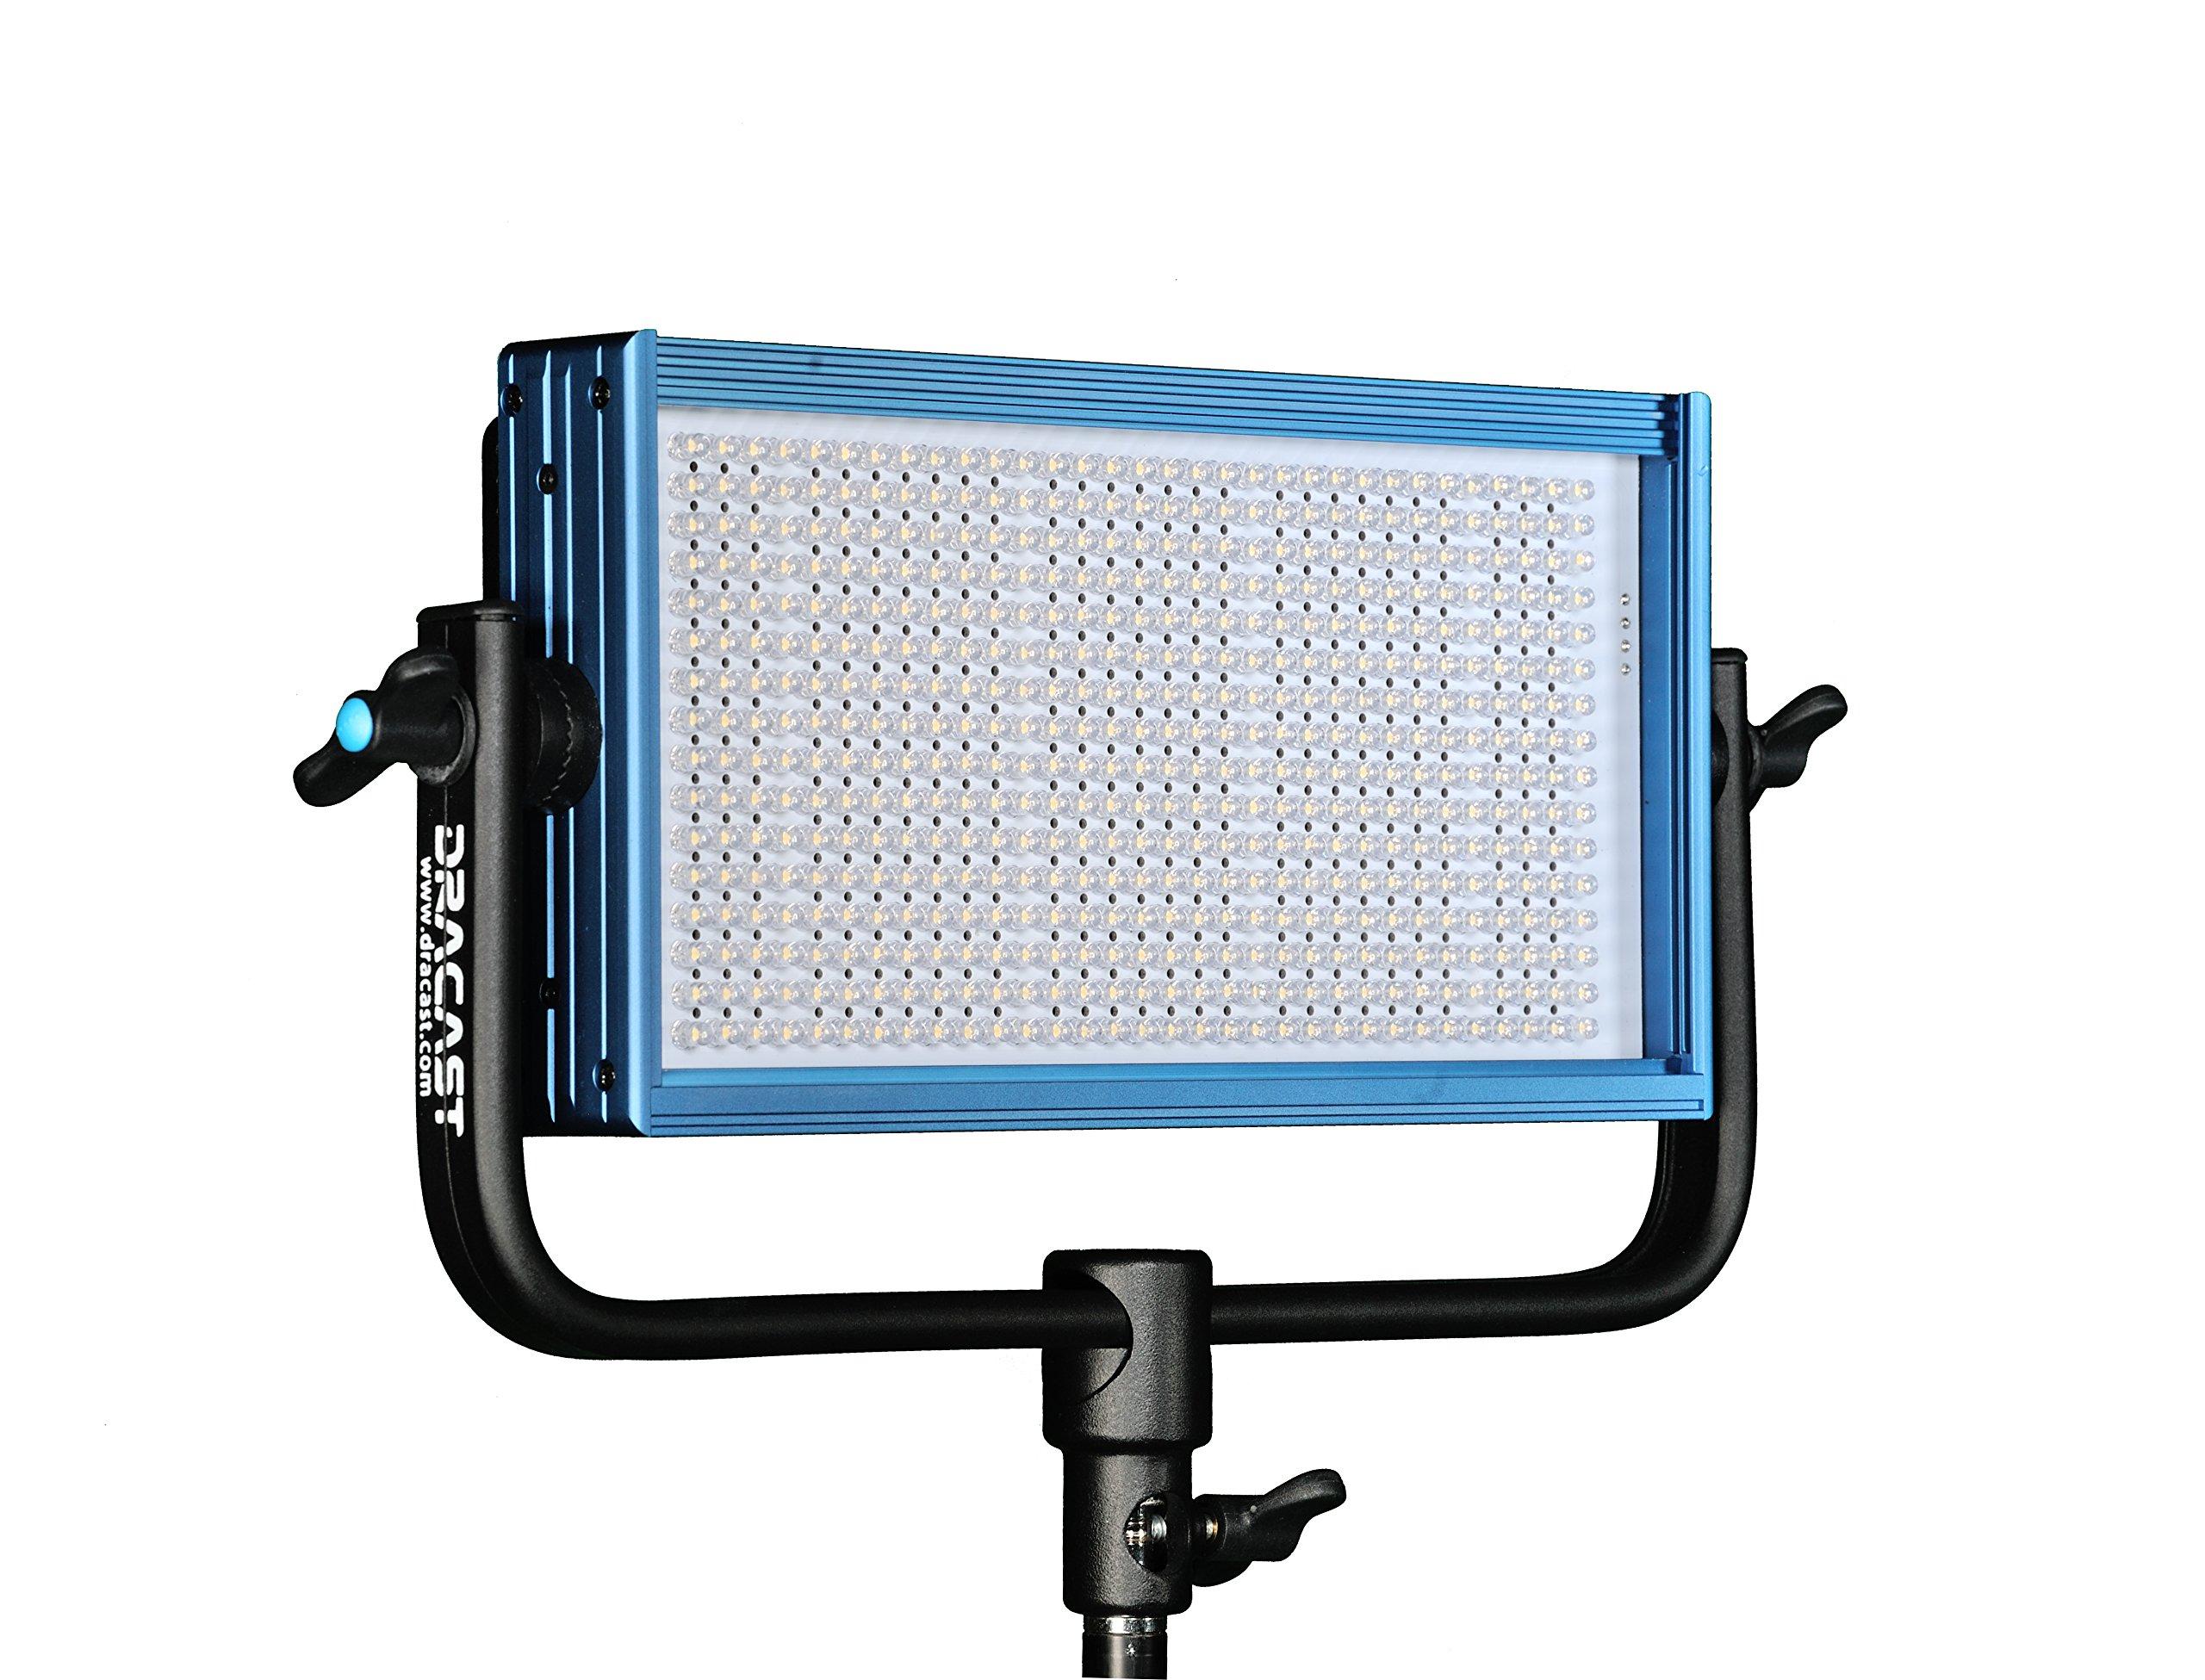 Dracast DRP-LED500-BV LED500 Bi-color Adjustable with V-Mount Battery Plate (Blue)